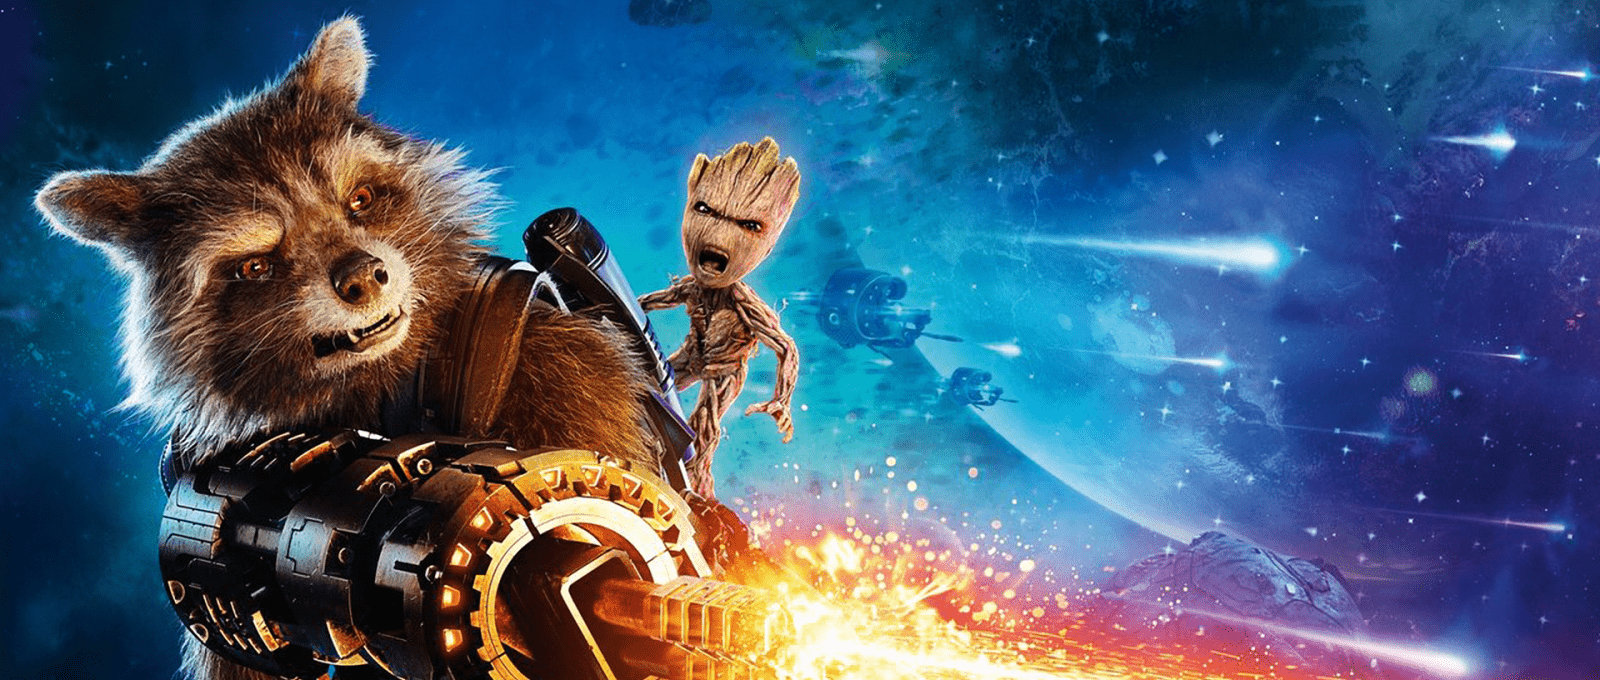 Сюжет «Стражей галактики 3» может раскрыть тайну прошлого Ракеты